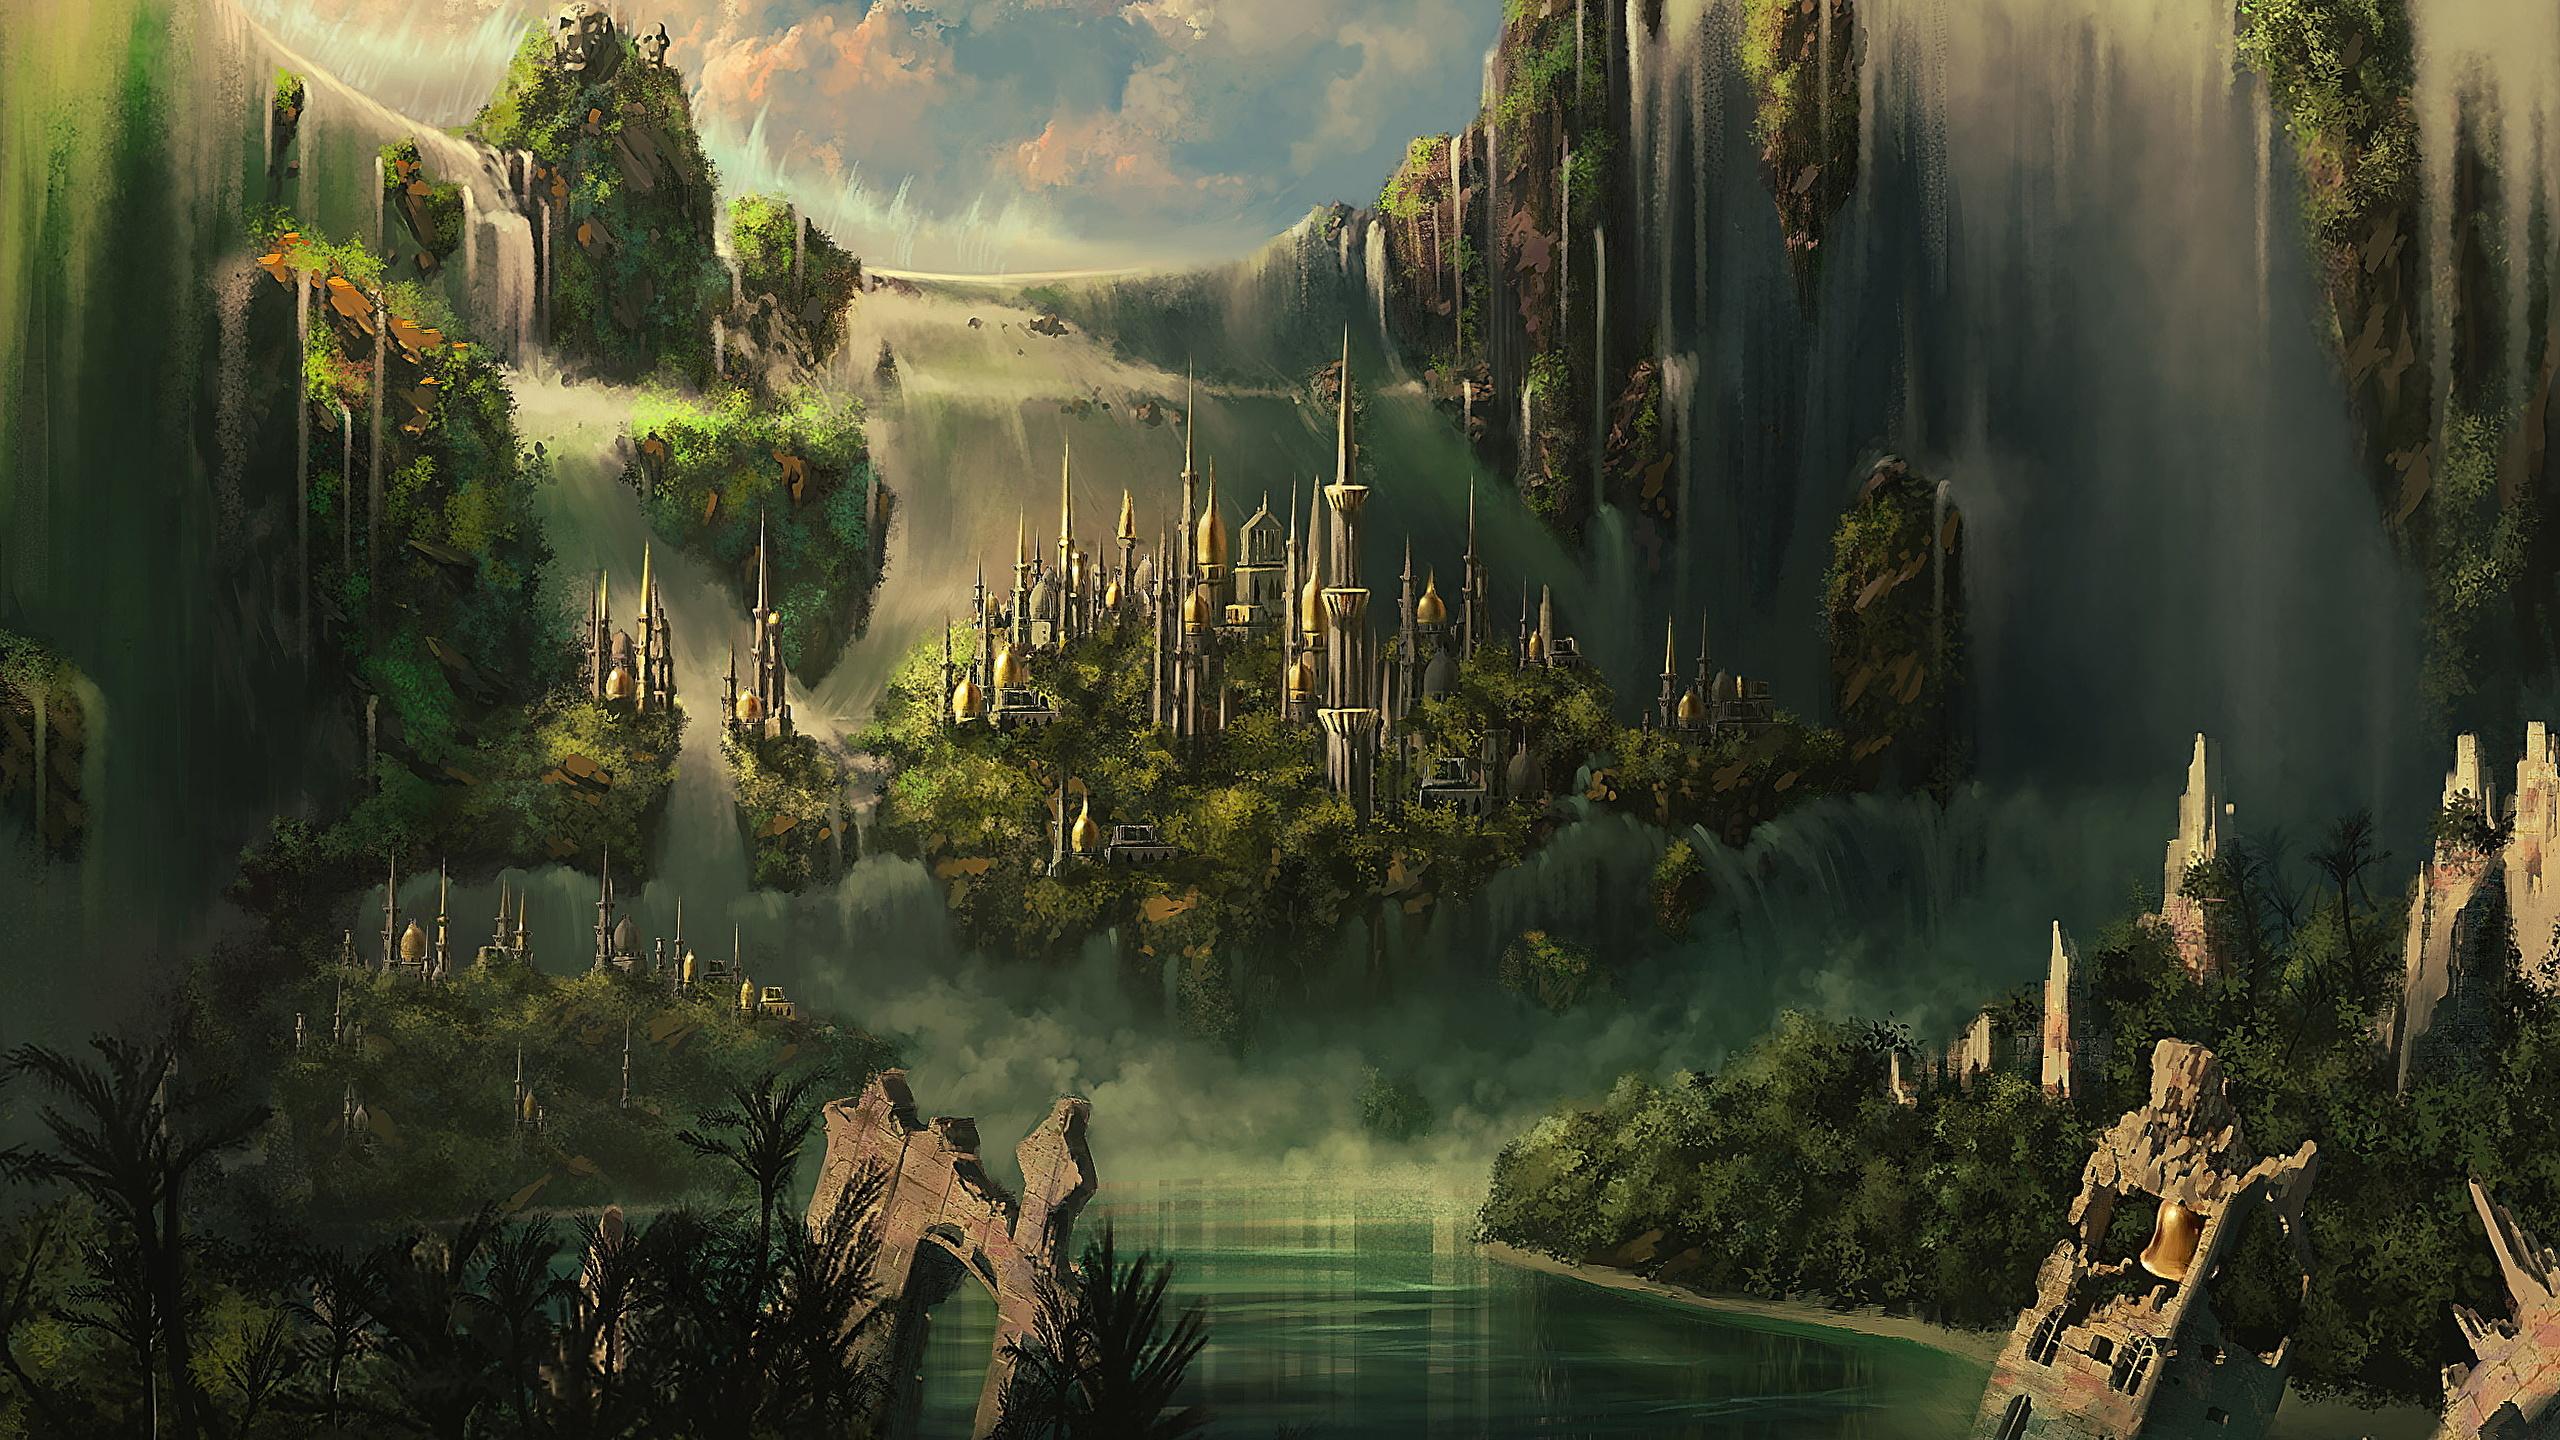 Wallpaper Fantasy Fantastic World 2560x1440